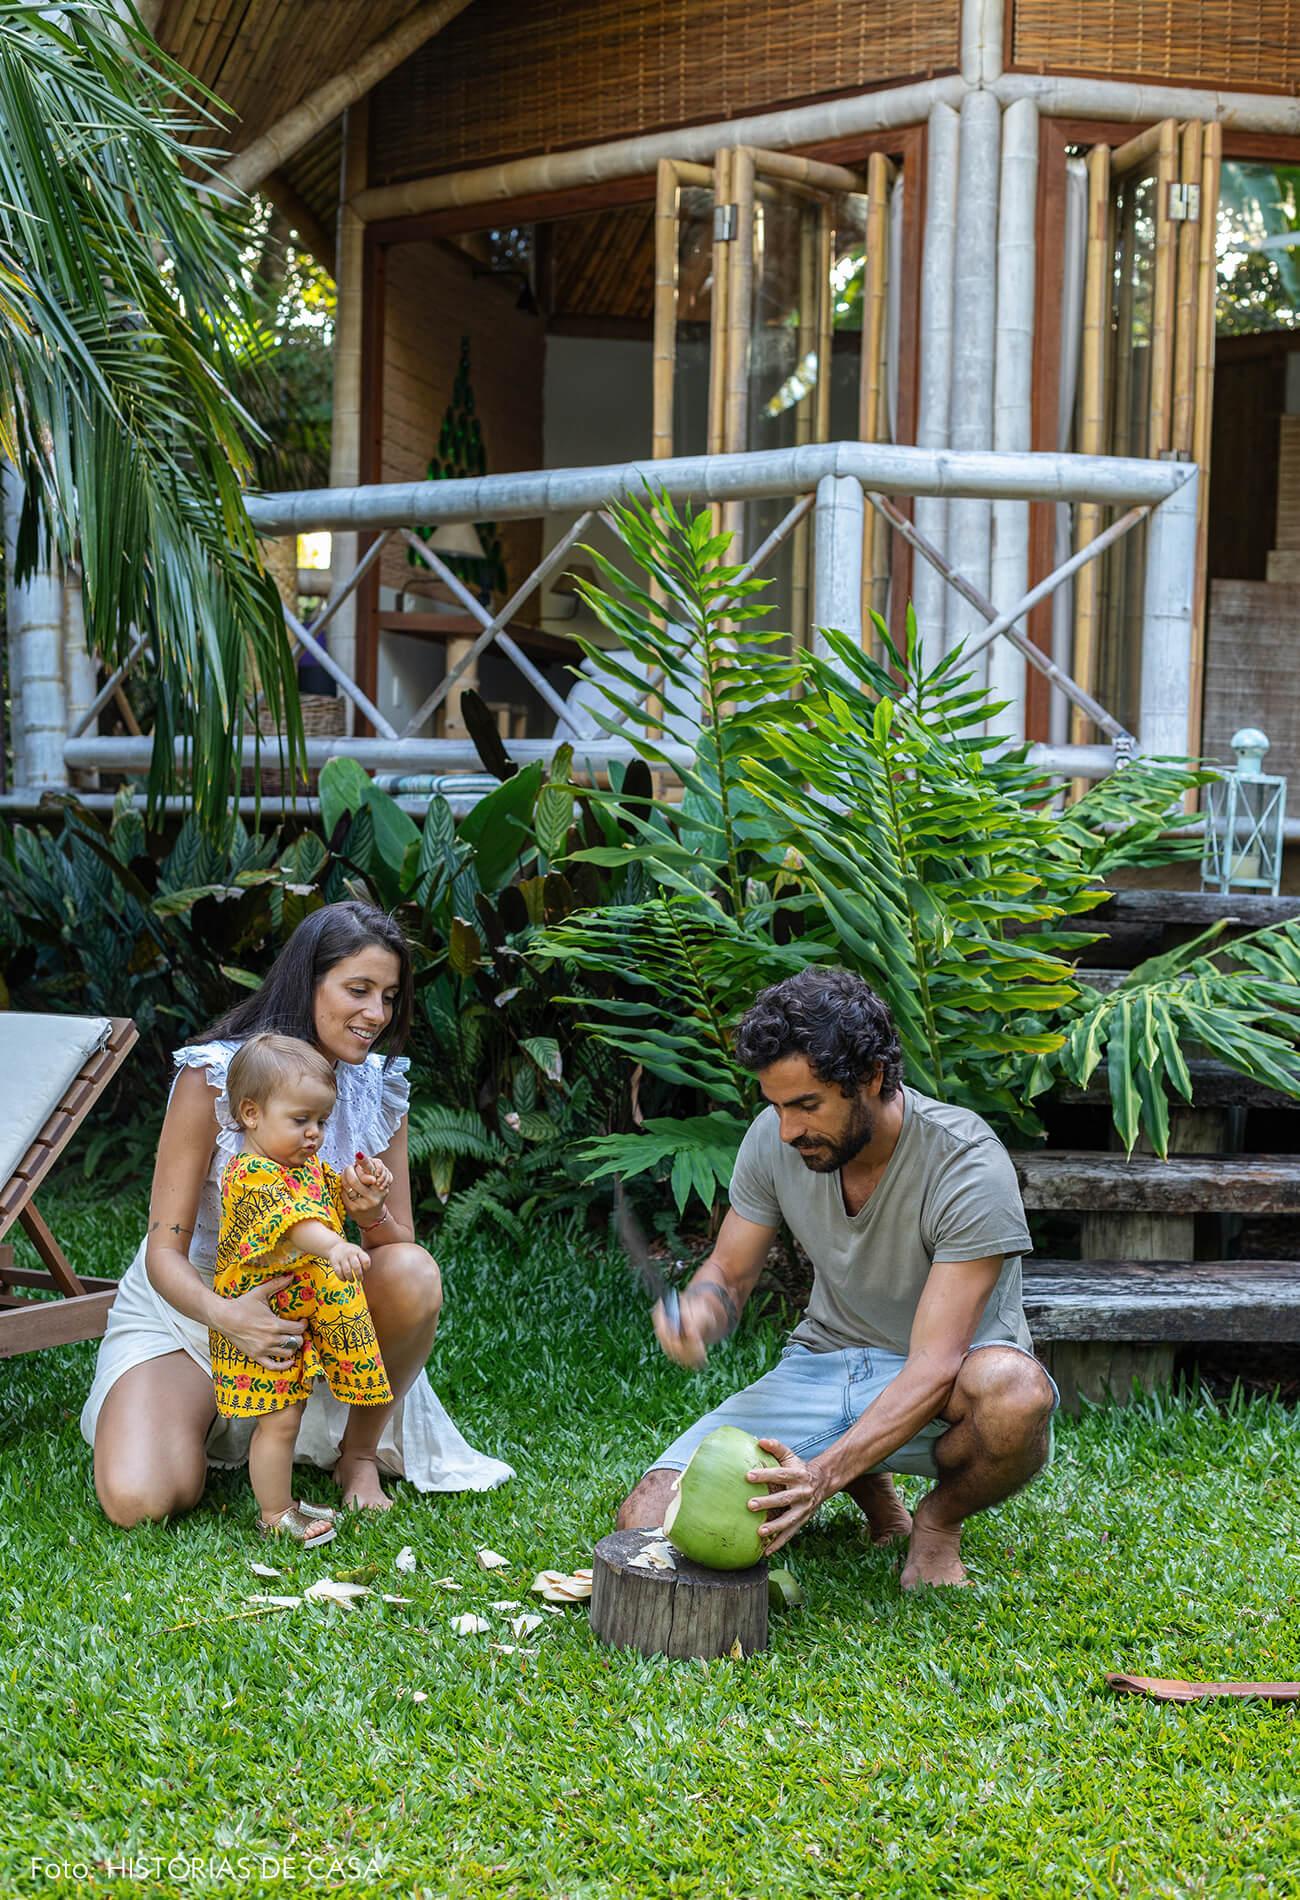 hotel-decoracao-72-retrato-familia-coco-jardim